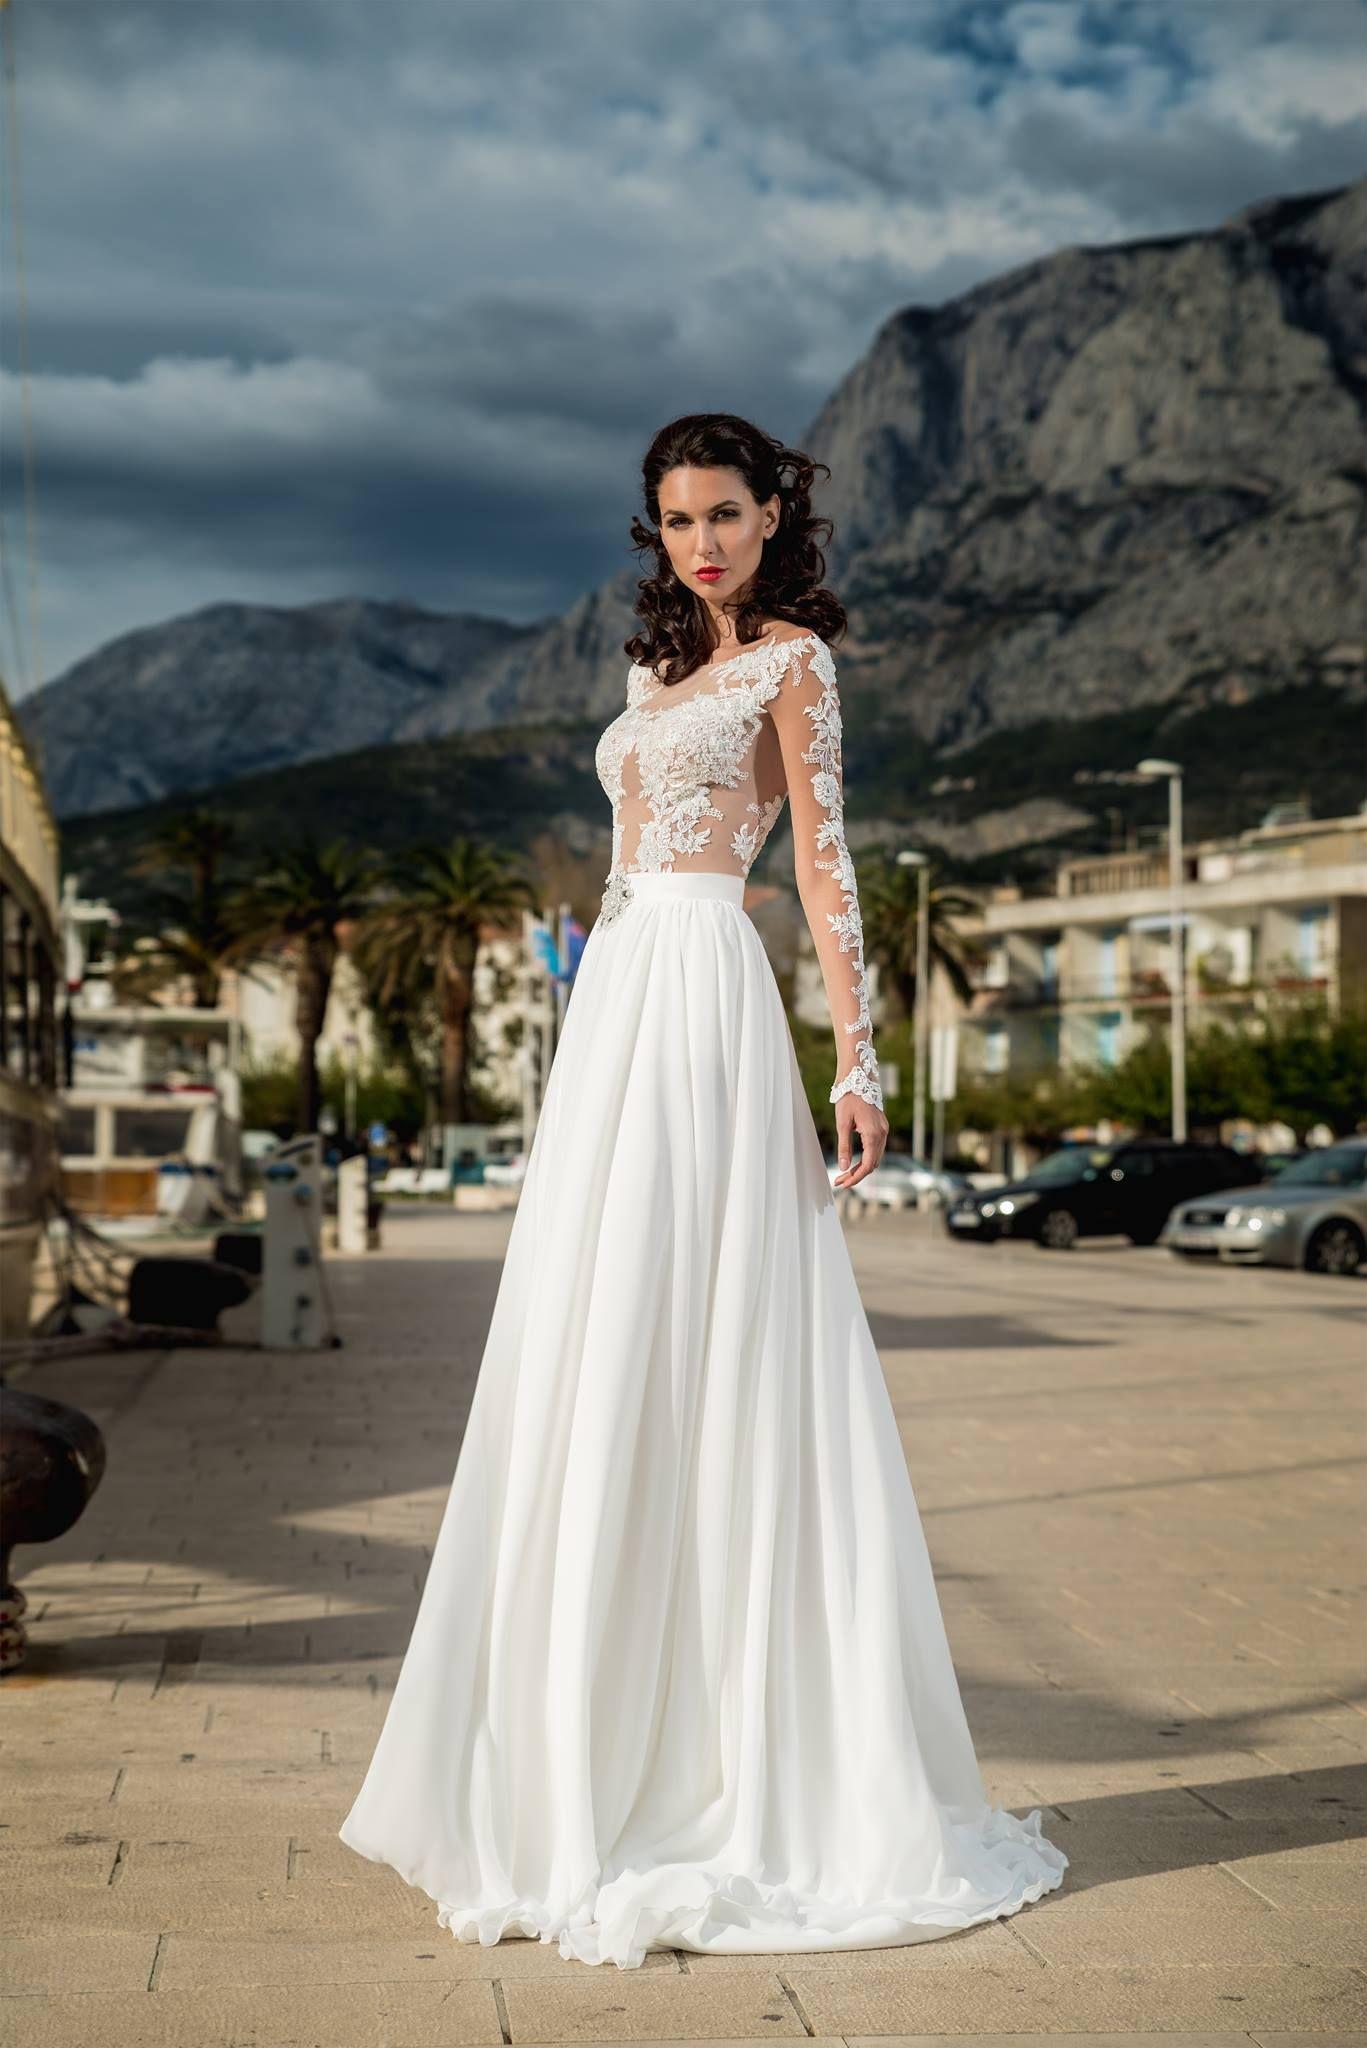 a2050c66ba90 Svadobné šaty Murano - dlhé rukávy - nádherná čipky - trend 2018 -  mušelínová padavá sukňa